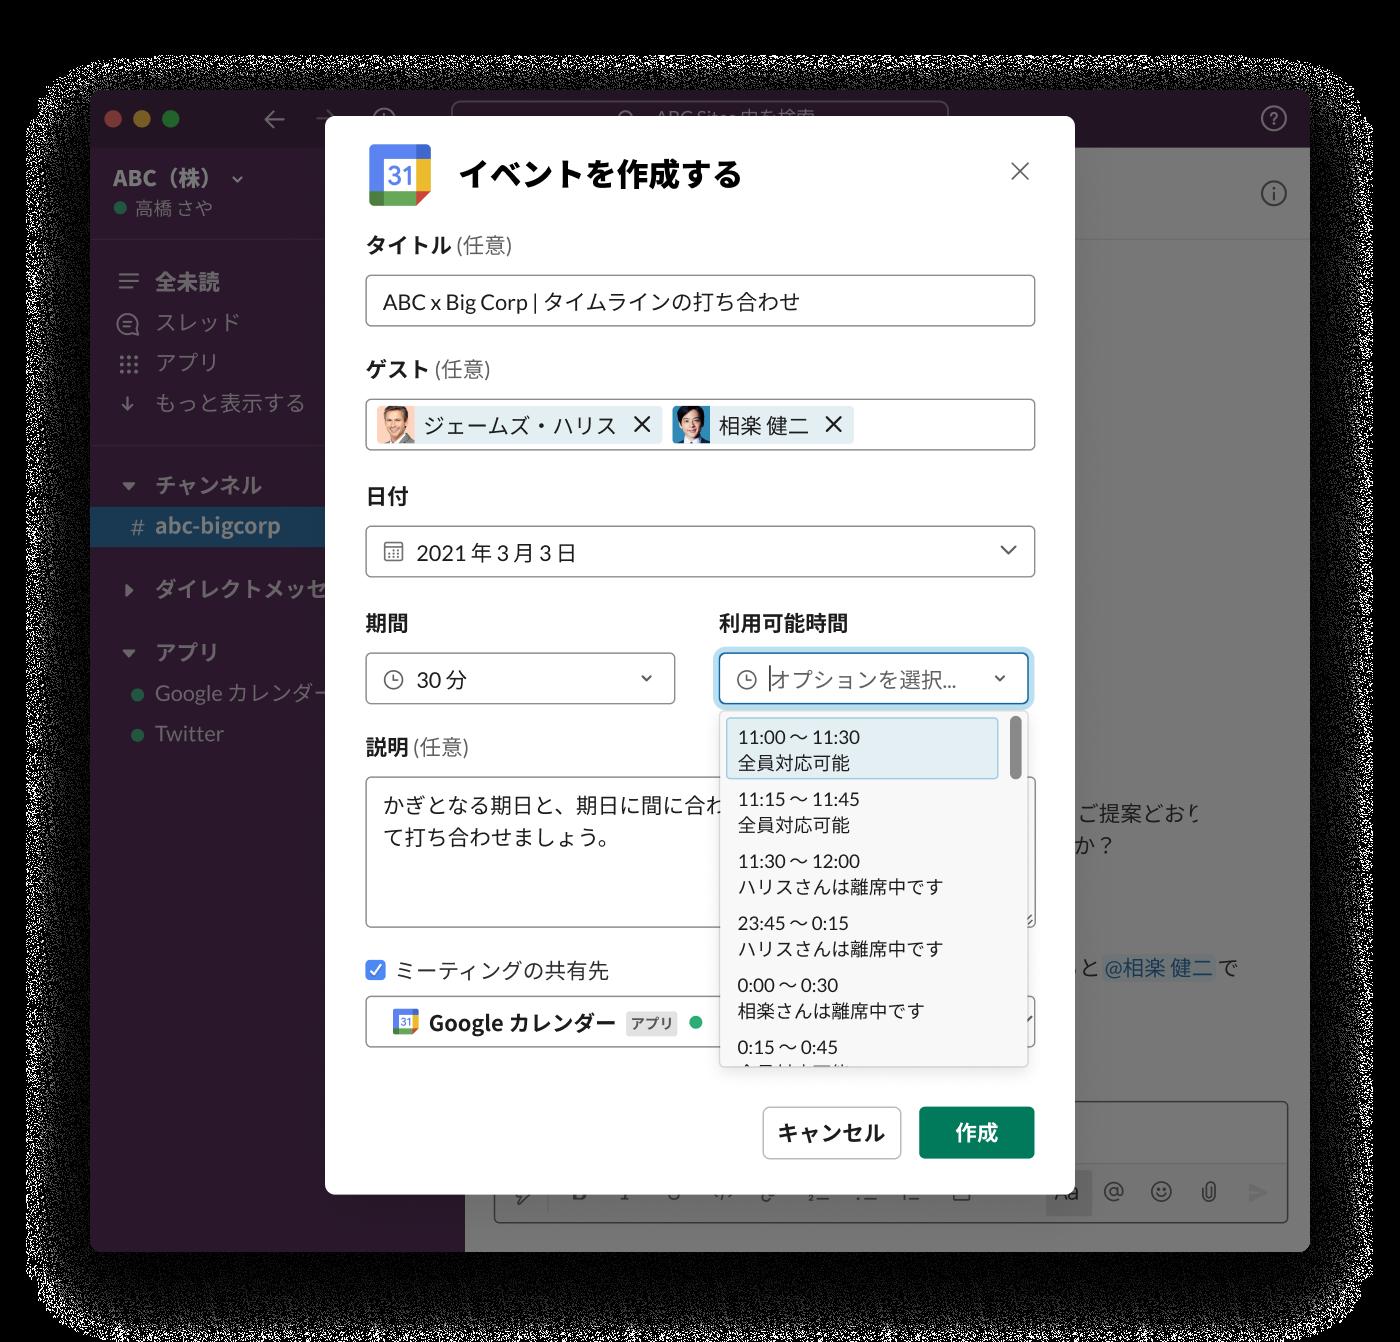 Slack コネクトでそのまま外部パートナーの予定を確認し、ミーティングのスケジュールをすばやく立てる